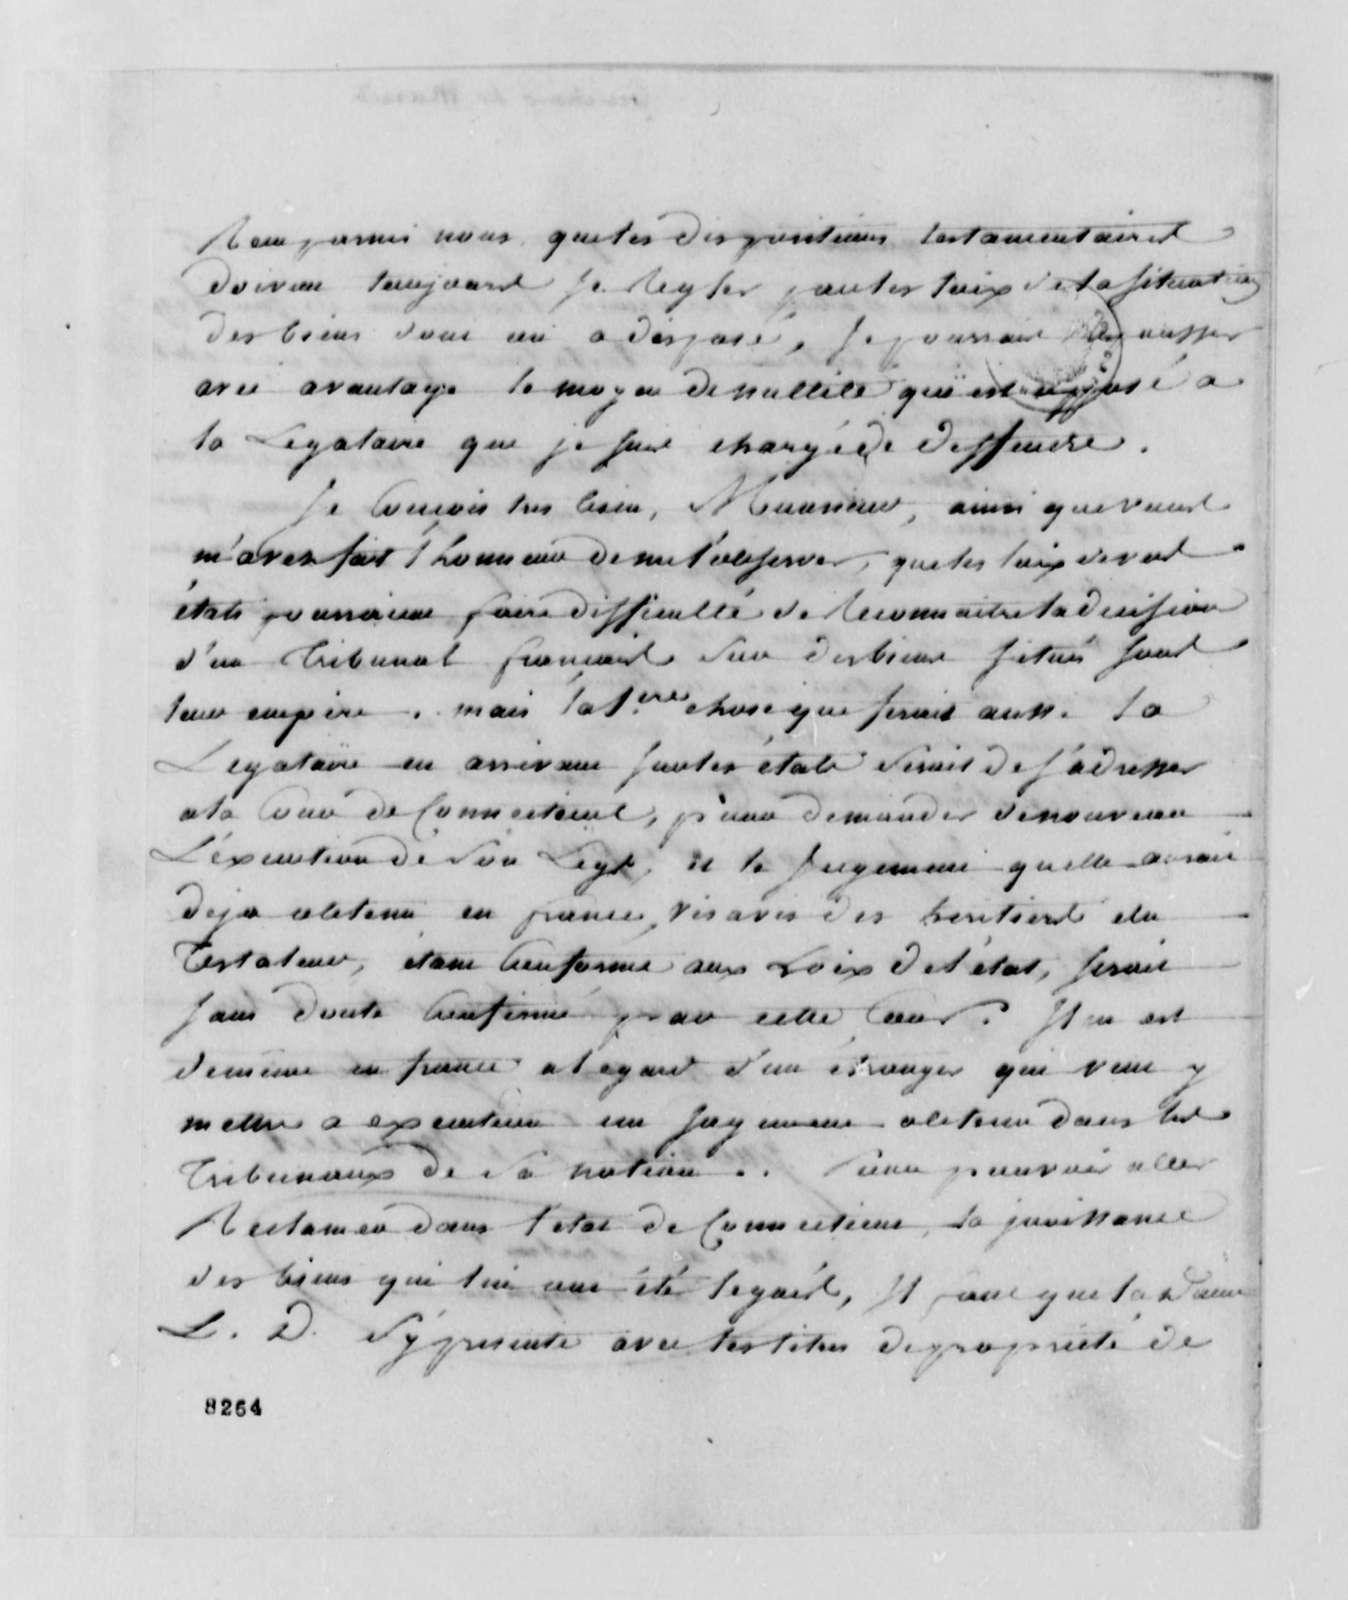 Guichard de Mareil to Thomas Jefferson, April 28, 1789, in French